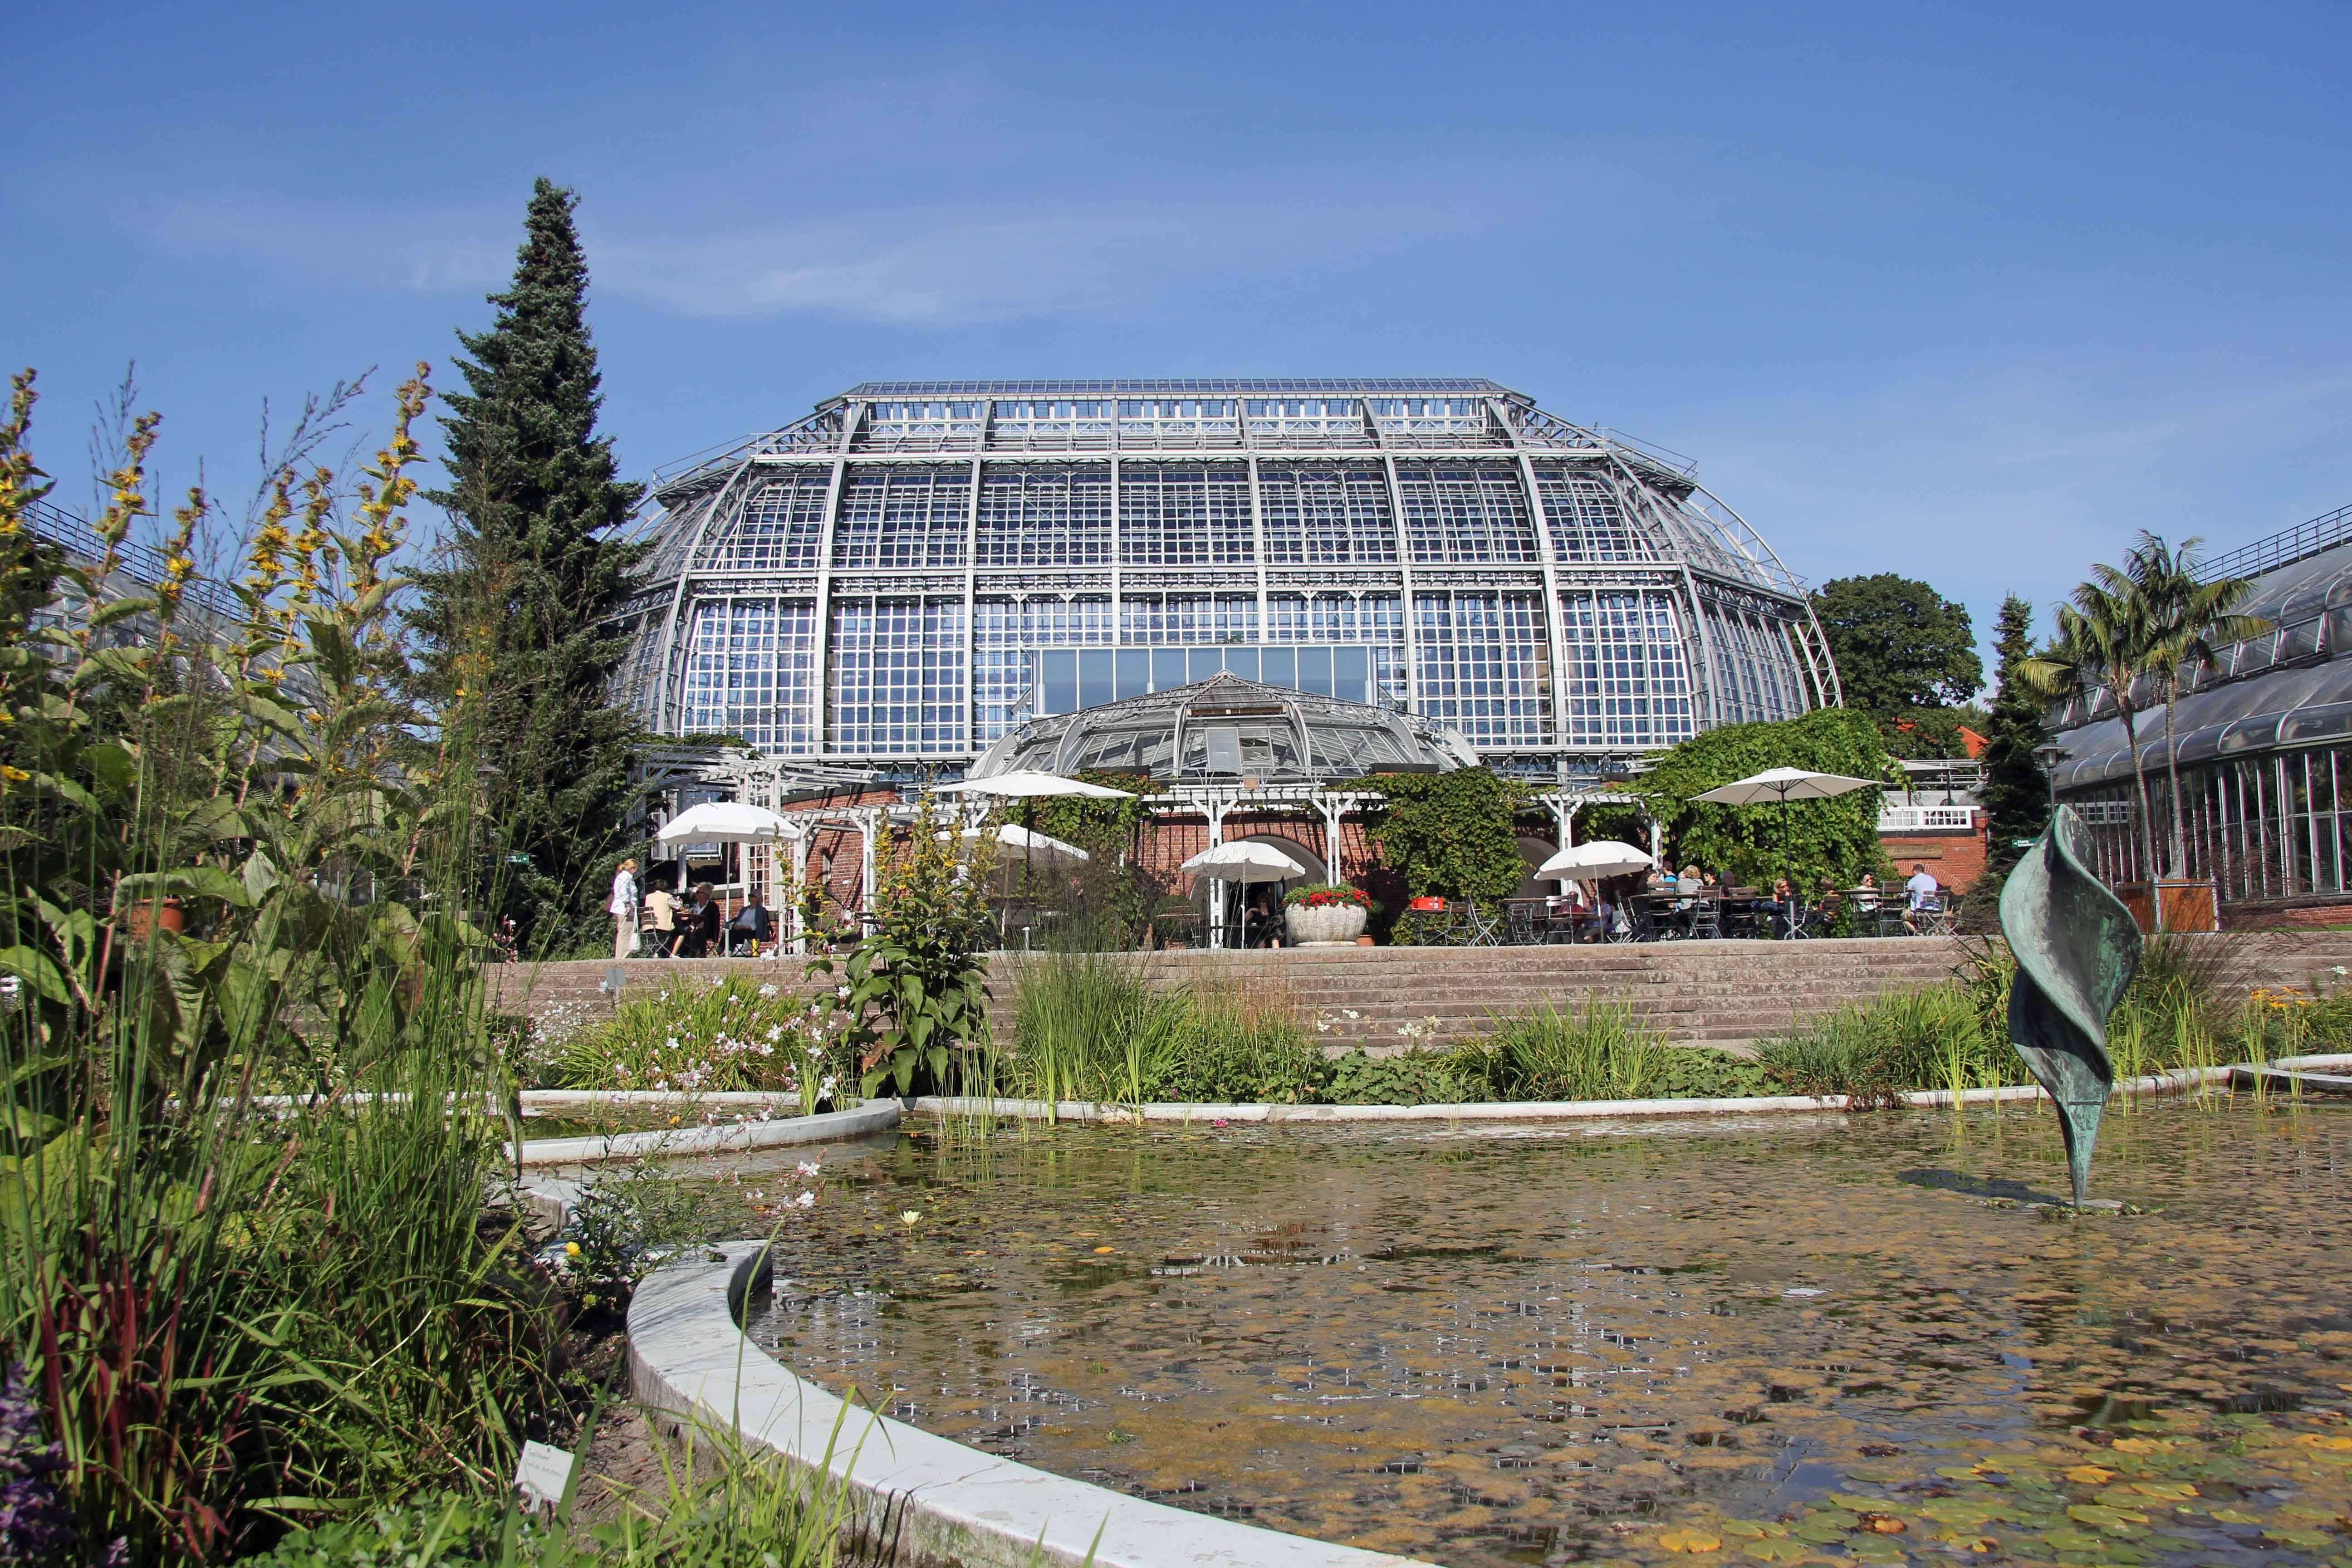 Топ-30 достопримечательностей берлина: фото, описание и рейтинг туристов